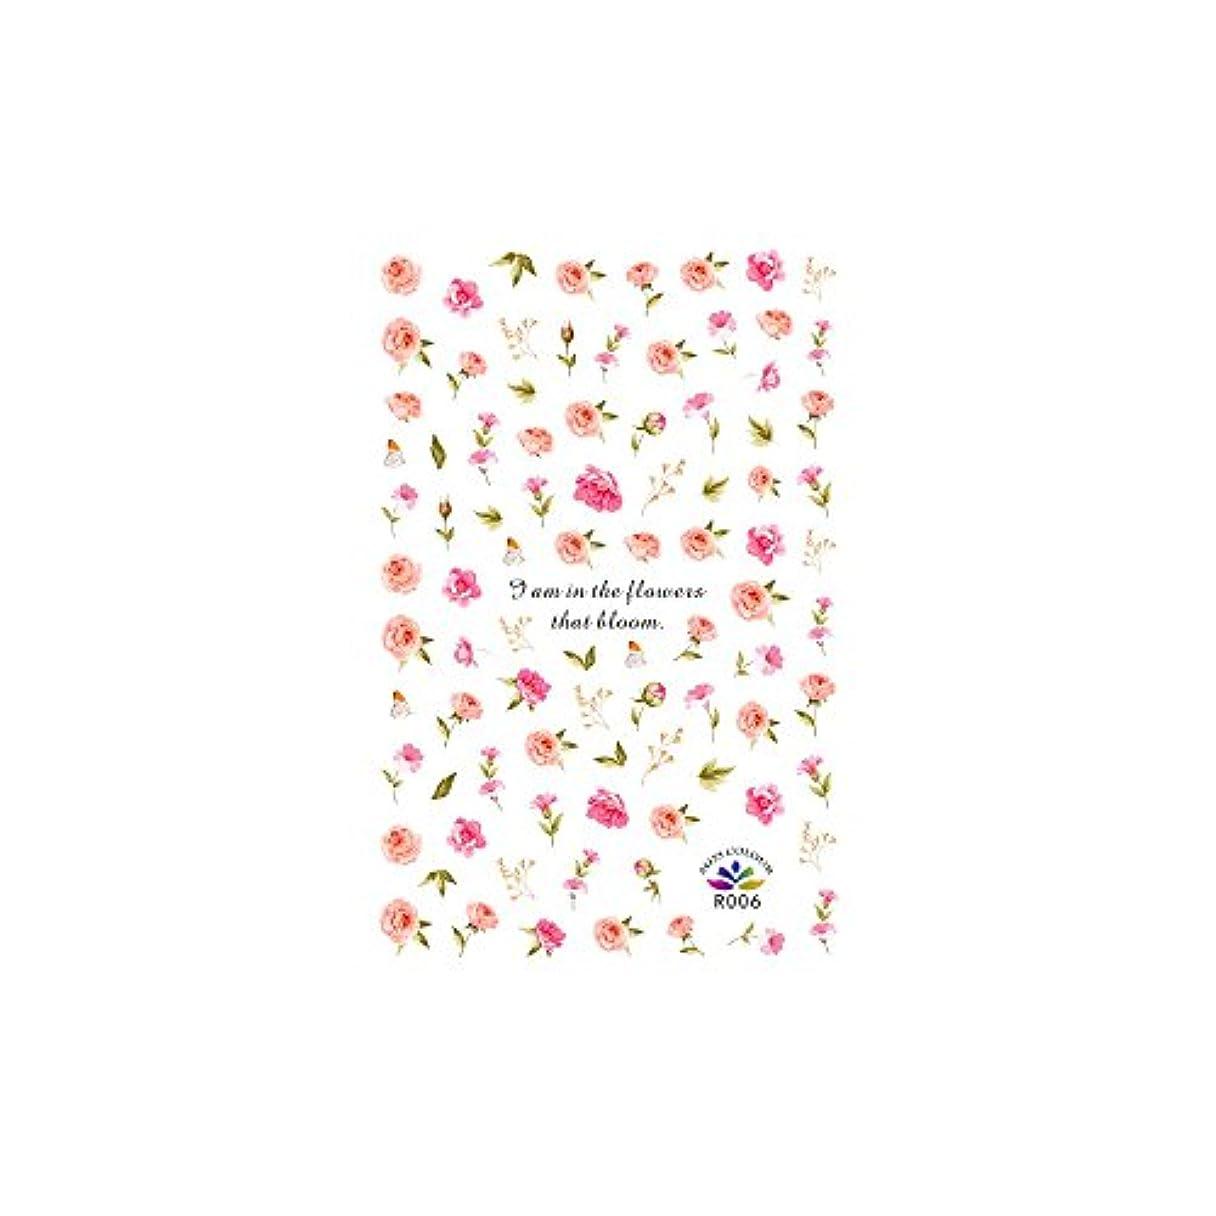 レディ設計図カーテンネイルシール アンティークローズシール ジェルネイル ネイルアート 花柄 花びら フラワーネイル 薔薇 セルフネイル